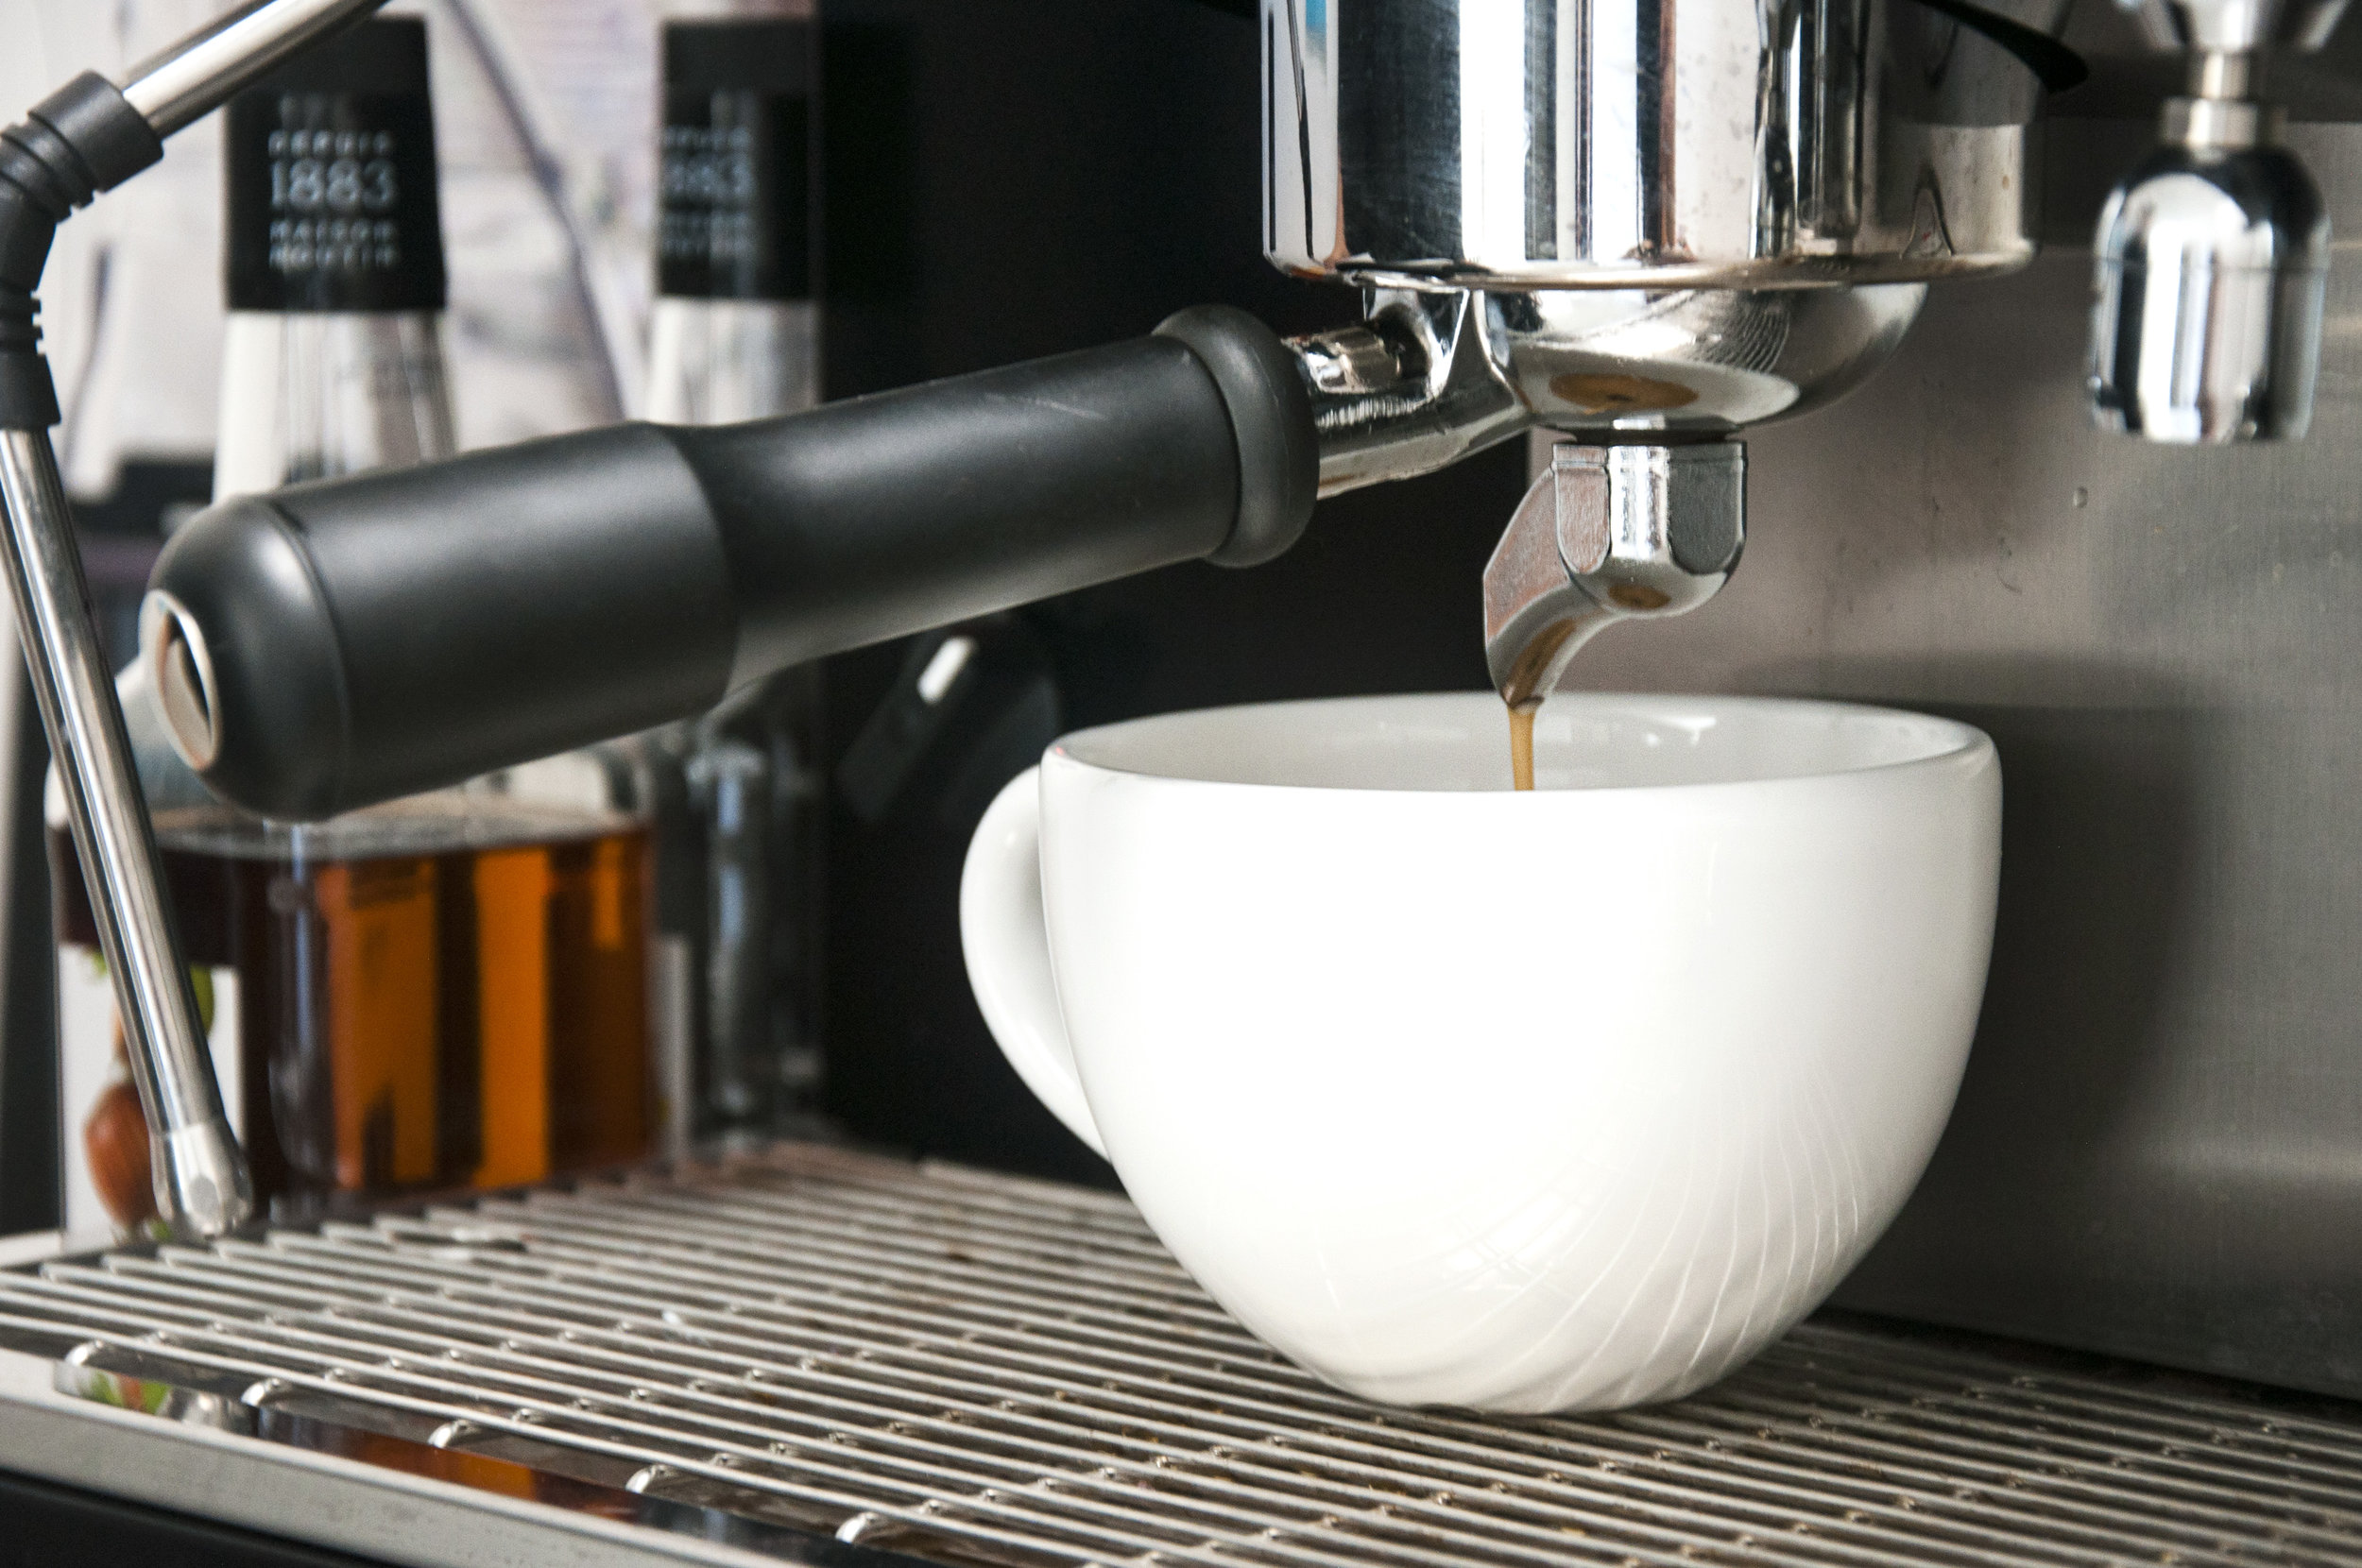 Sabemos que en esas mañanas apresuradas, de camino al trabajo o a clase, la más deliciosa cafeína es lo primero que necesitas para empezar el día.